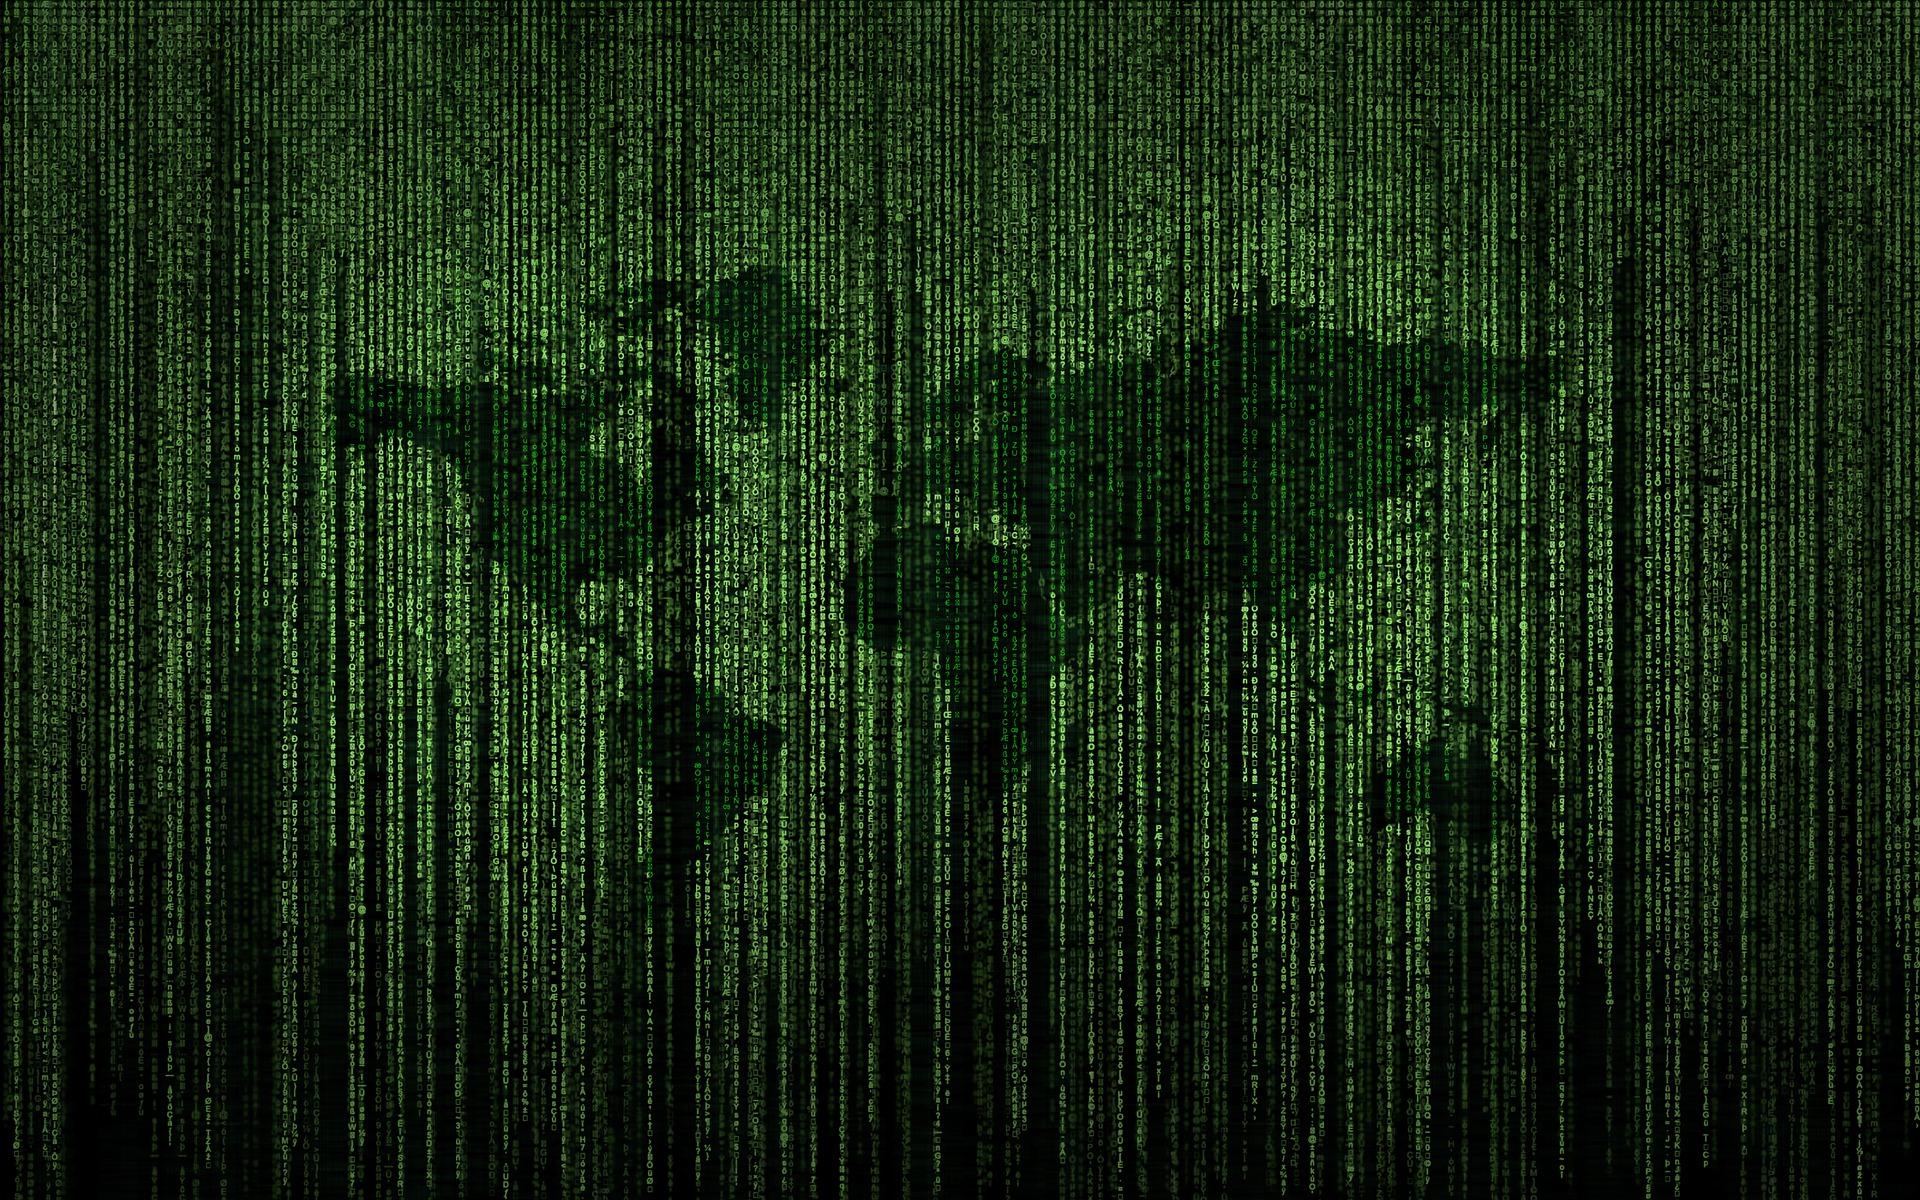 matrix-martice-internet